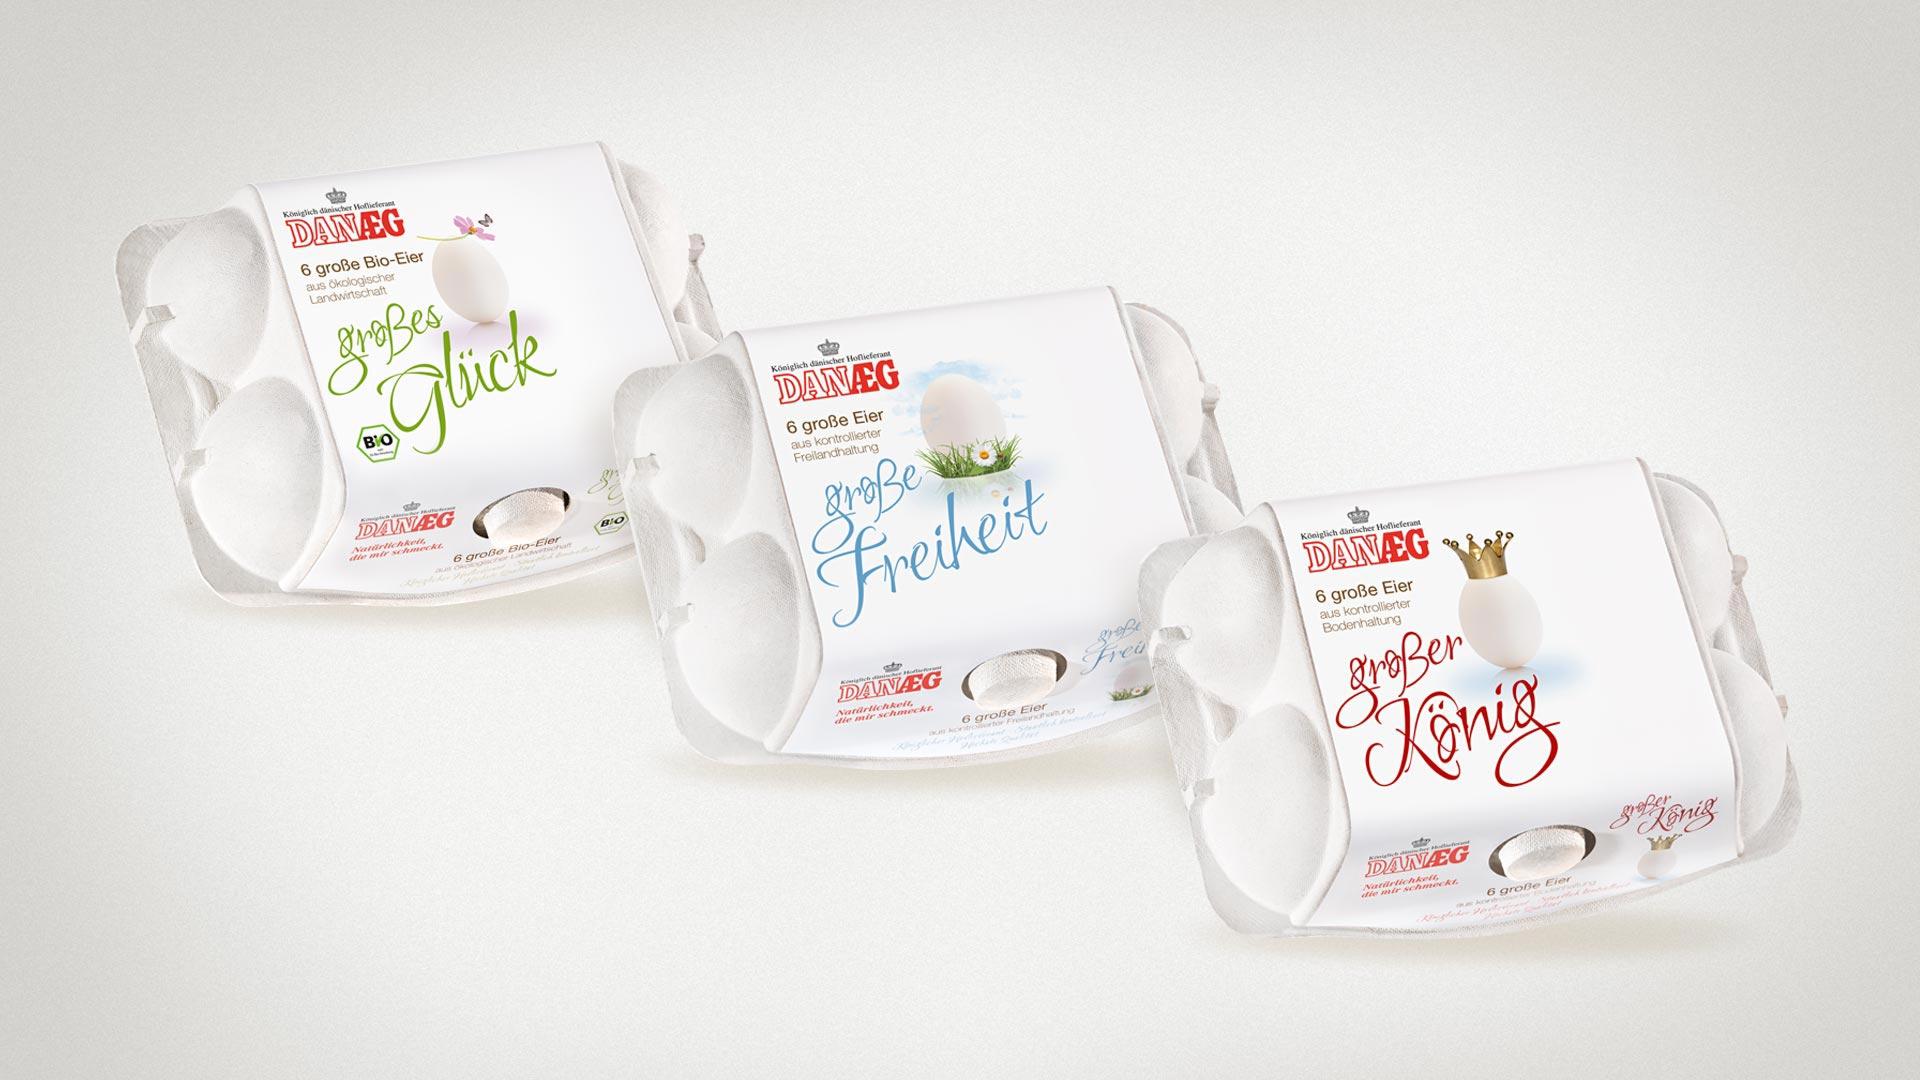 artventura-Projekt Packaging | Verpackungsdesign für DANÆG A/S:6er Verpackungen für Bio-, Freiland- und Bodenhaltung